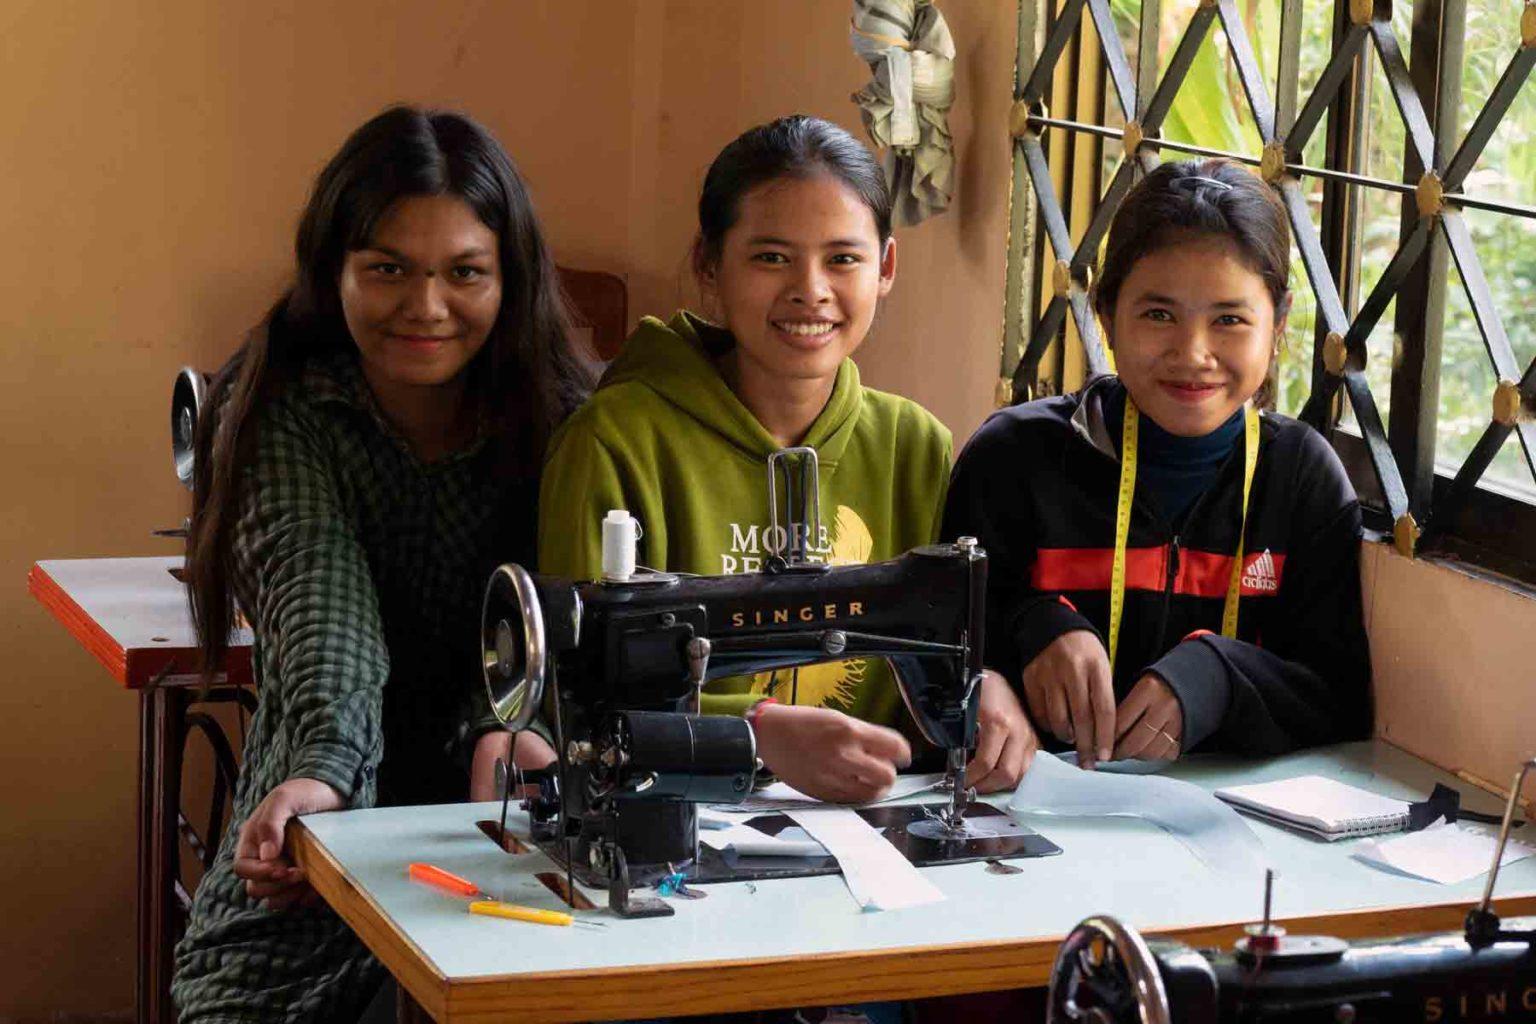 Trois jeunes étudiantes stylistes-couturières qui pendant une année apprennent gratuitement un métier qui changera durablement le destin de leurs vies